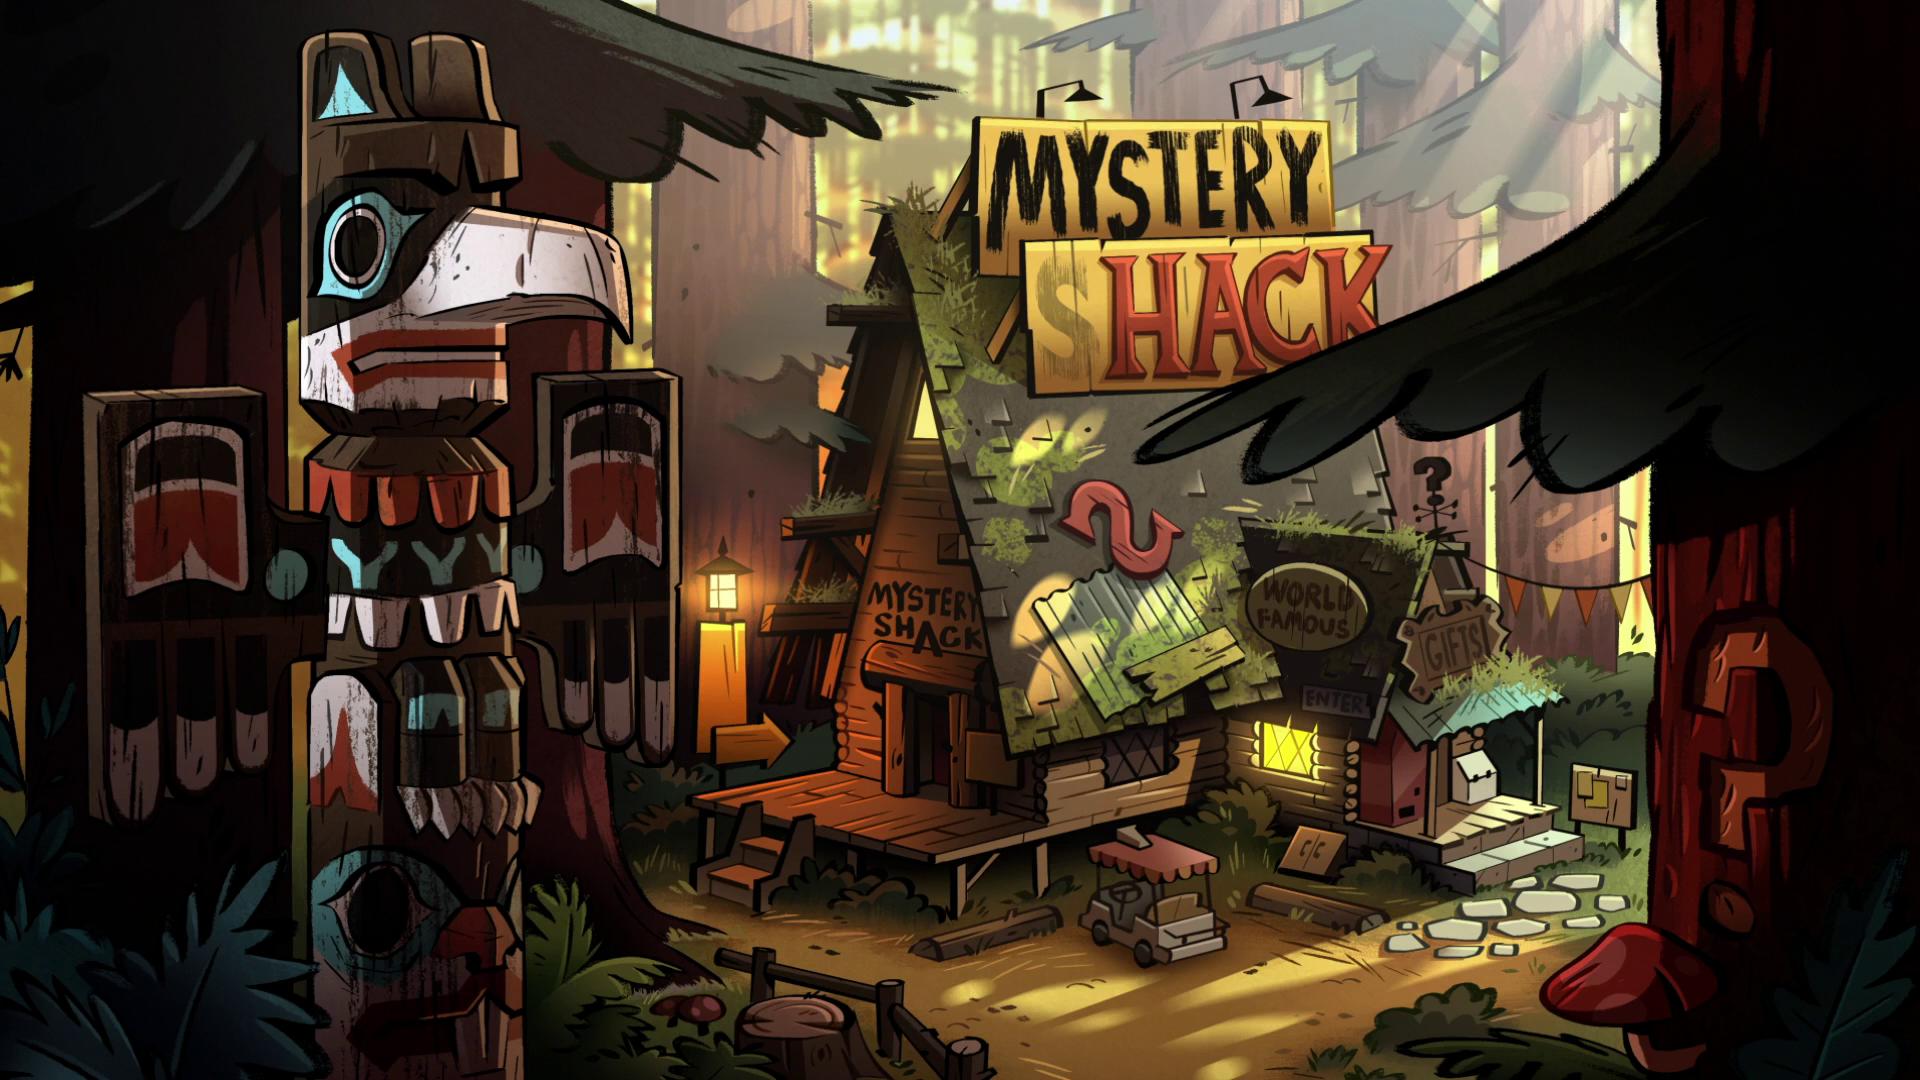 La cabaña del mistério, donde vive el tío abuelo Stan con Mable y Dipper